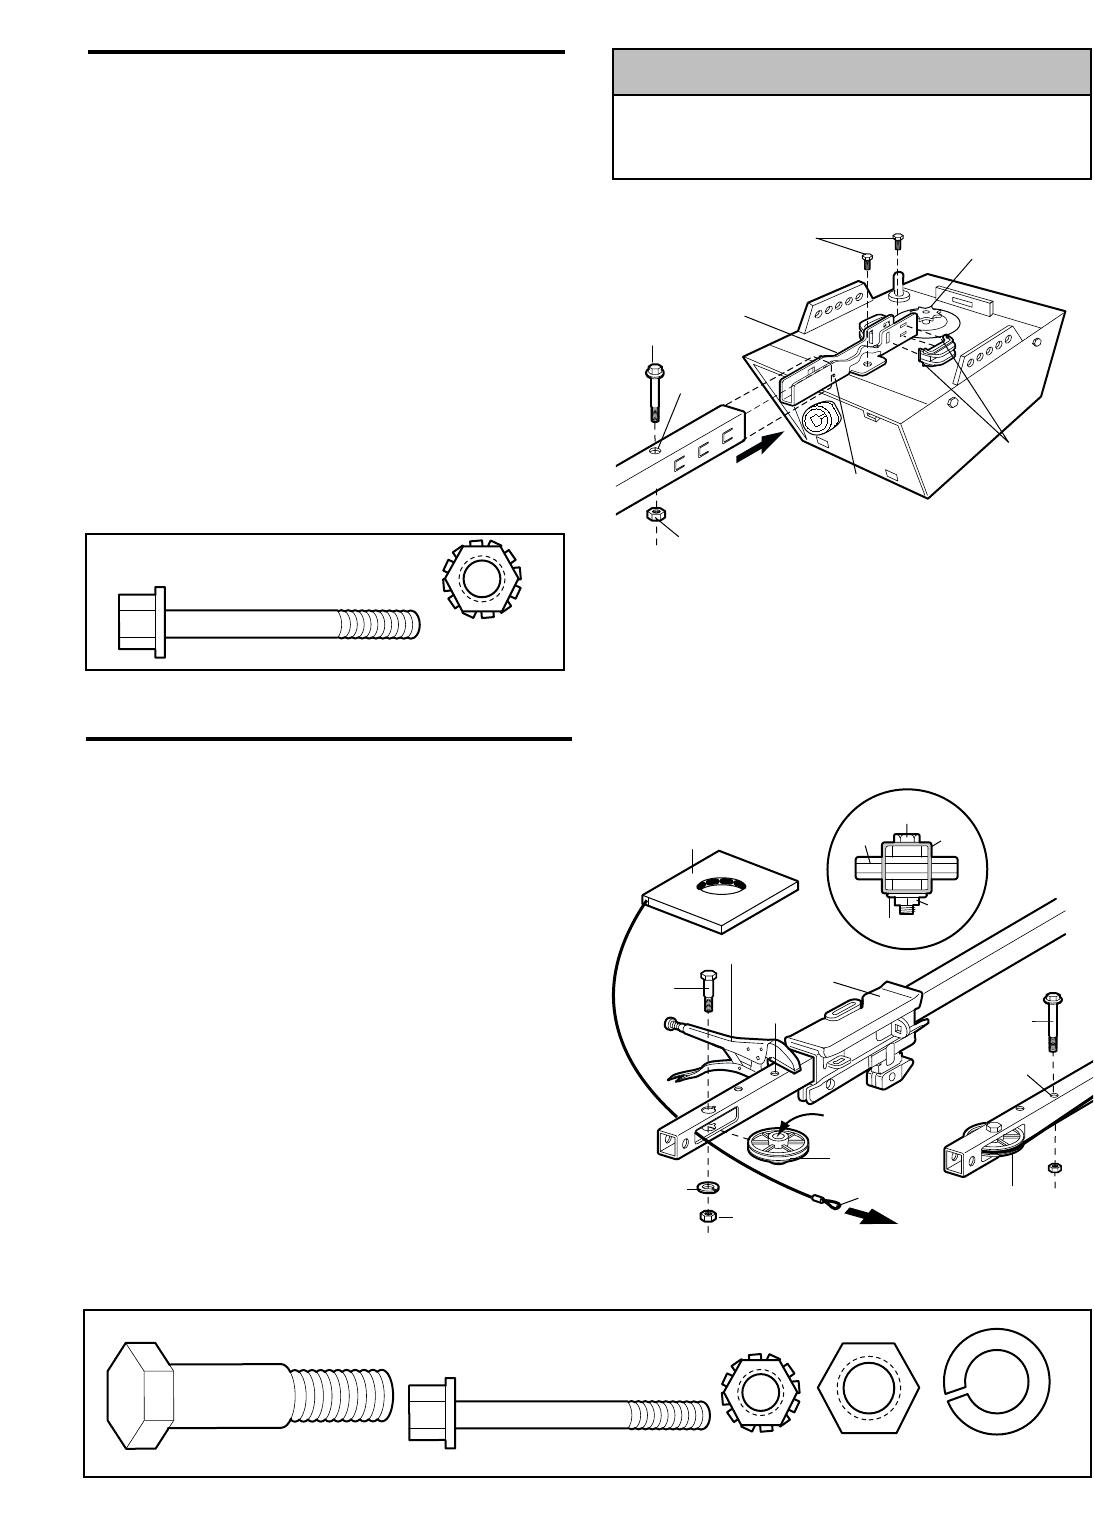 Page 47 Of Sears Garage Door Opener 139 Srt User